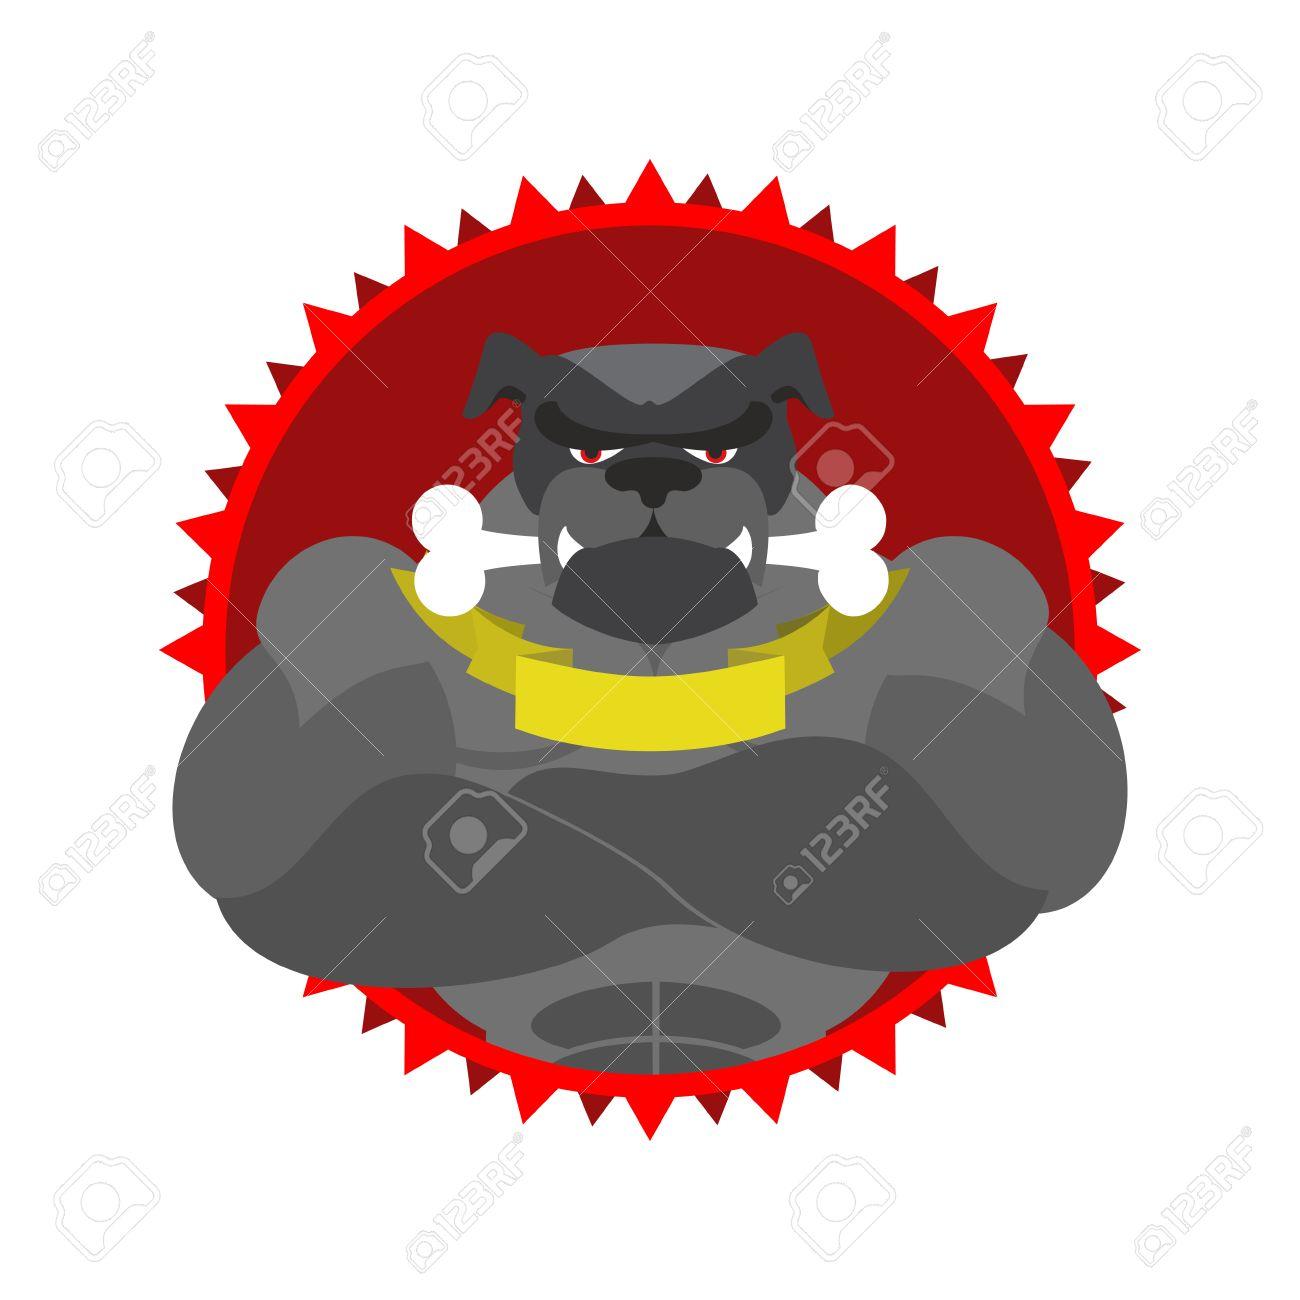 1300x1300 Angry Dog Round Emblem. Large Bulldog Bodybuilder With Bone